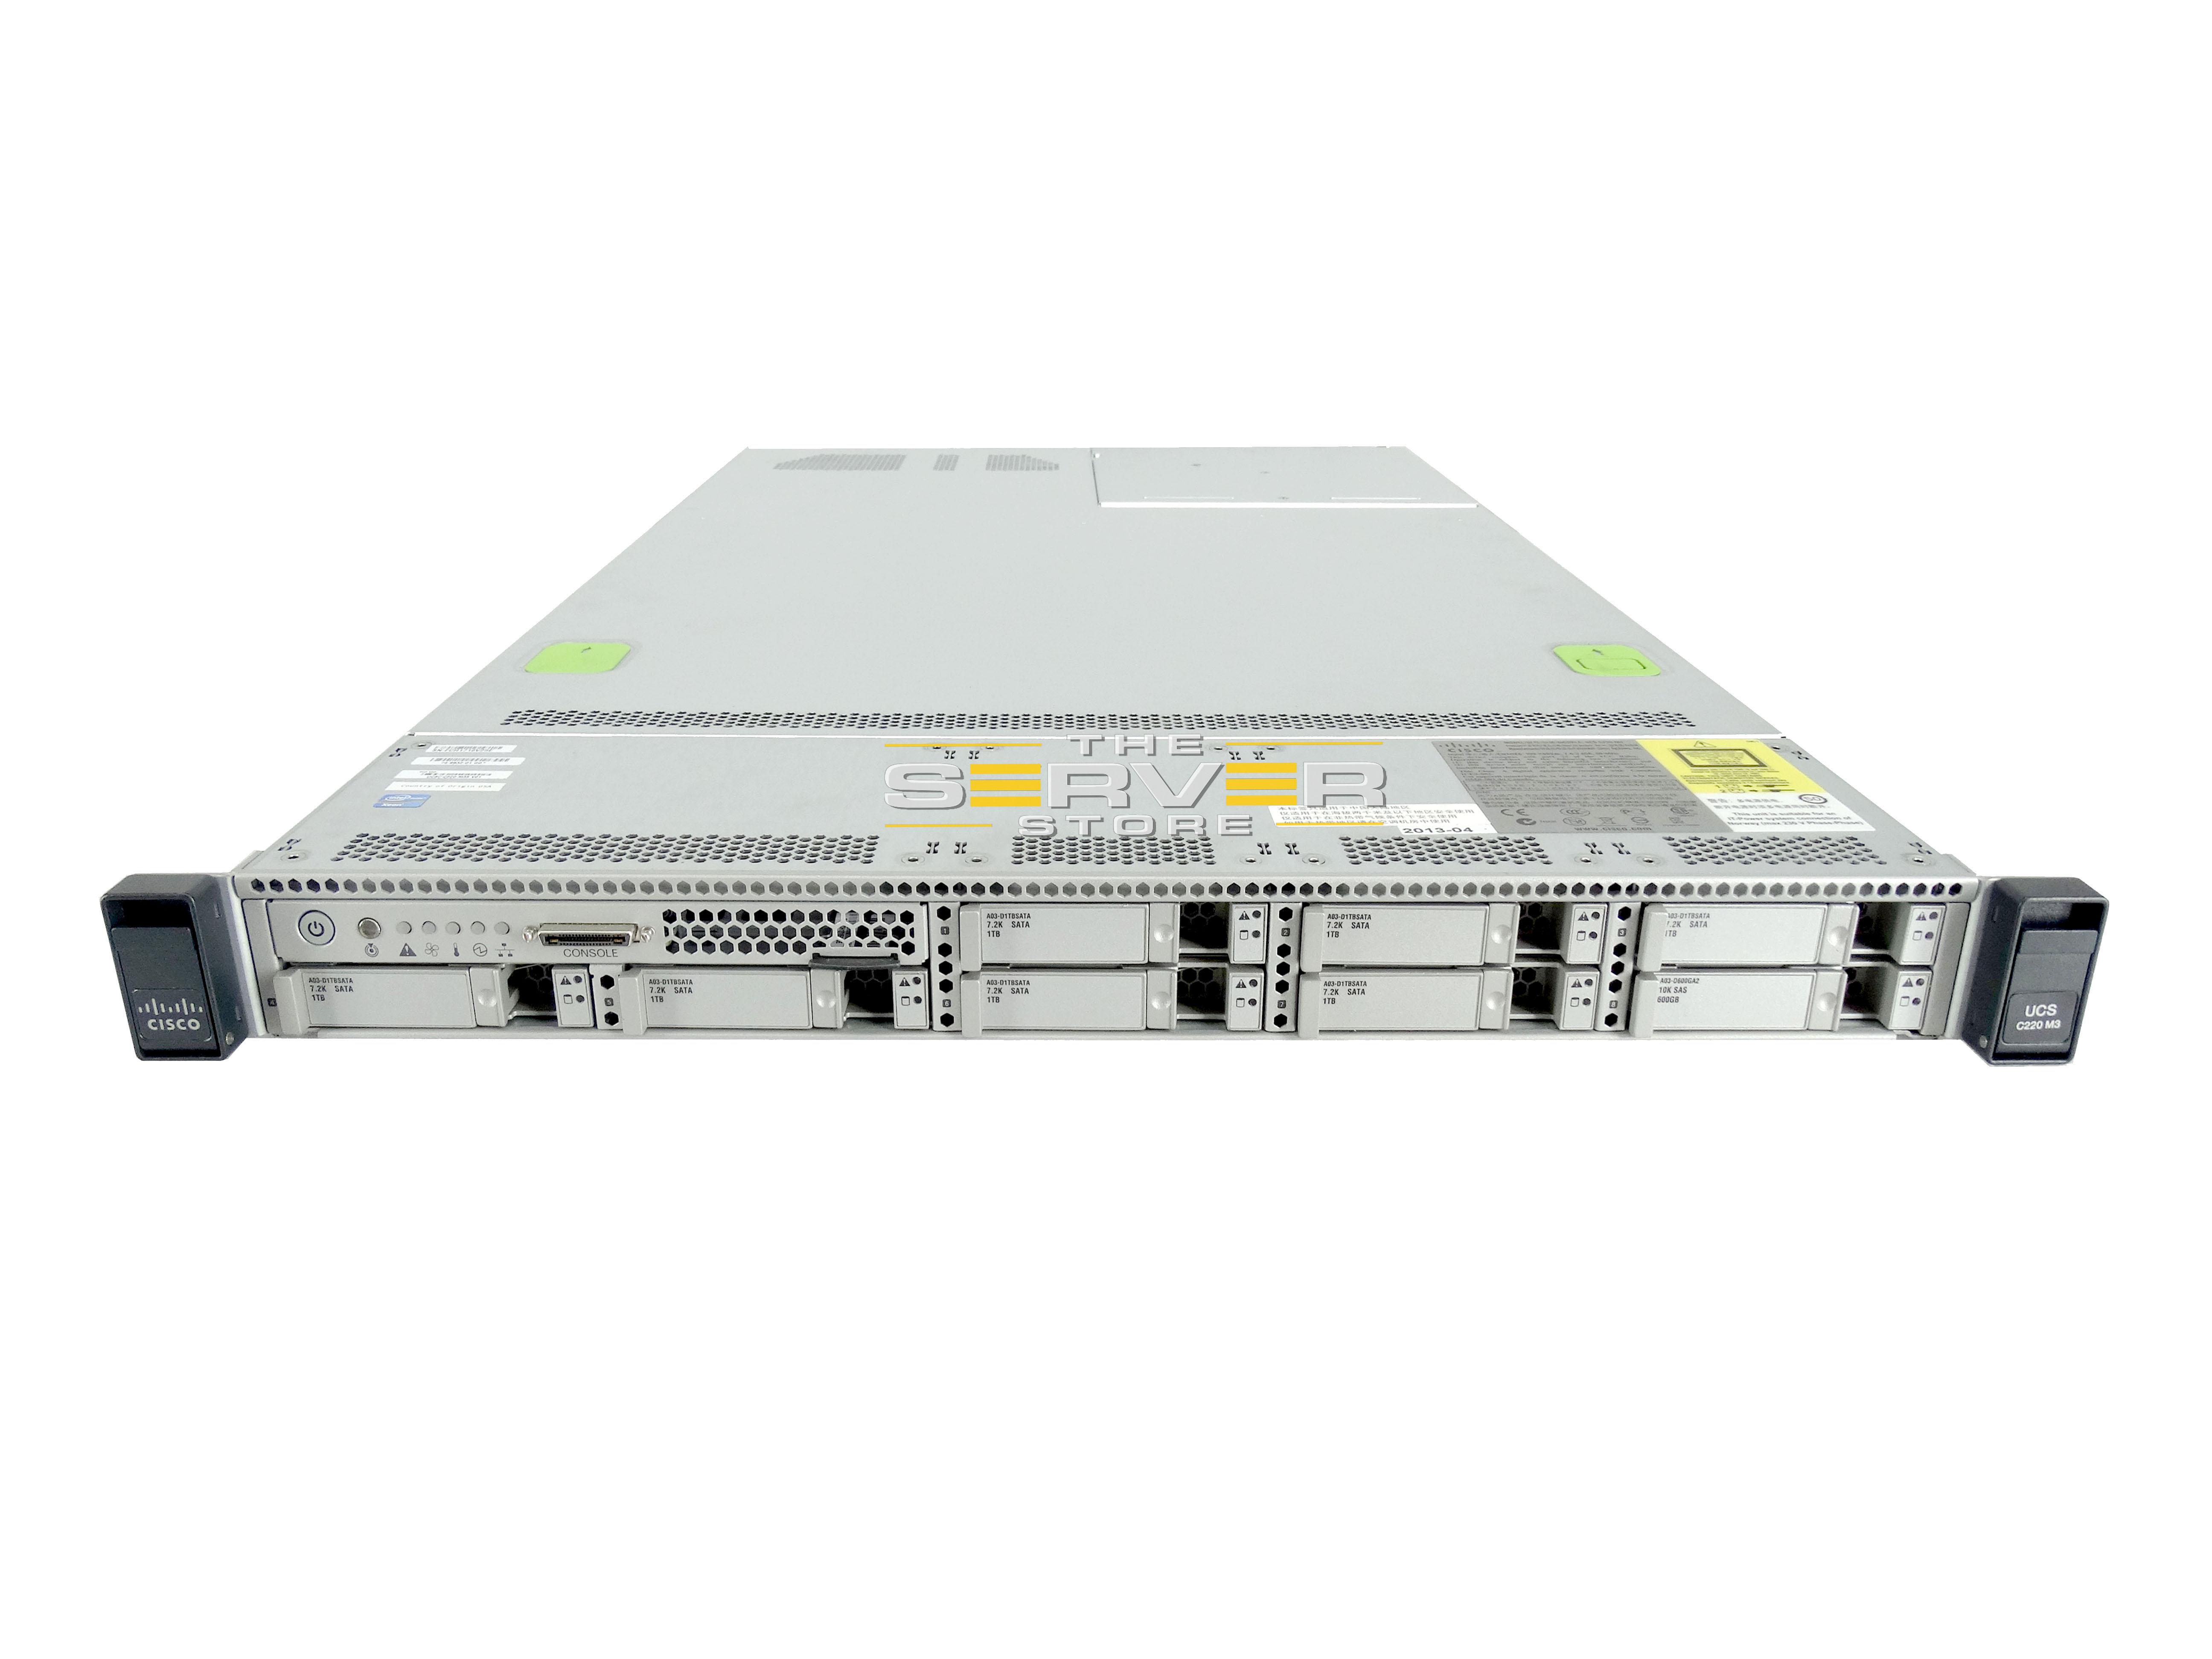 Cisco UCS C220 M3 8x SFF 1U Server